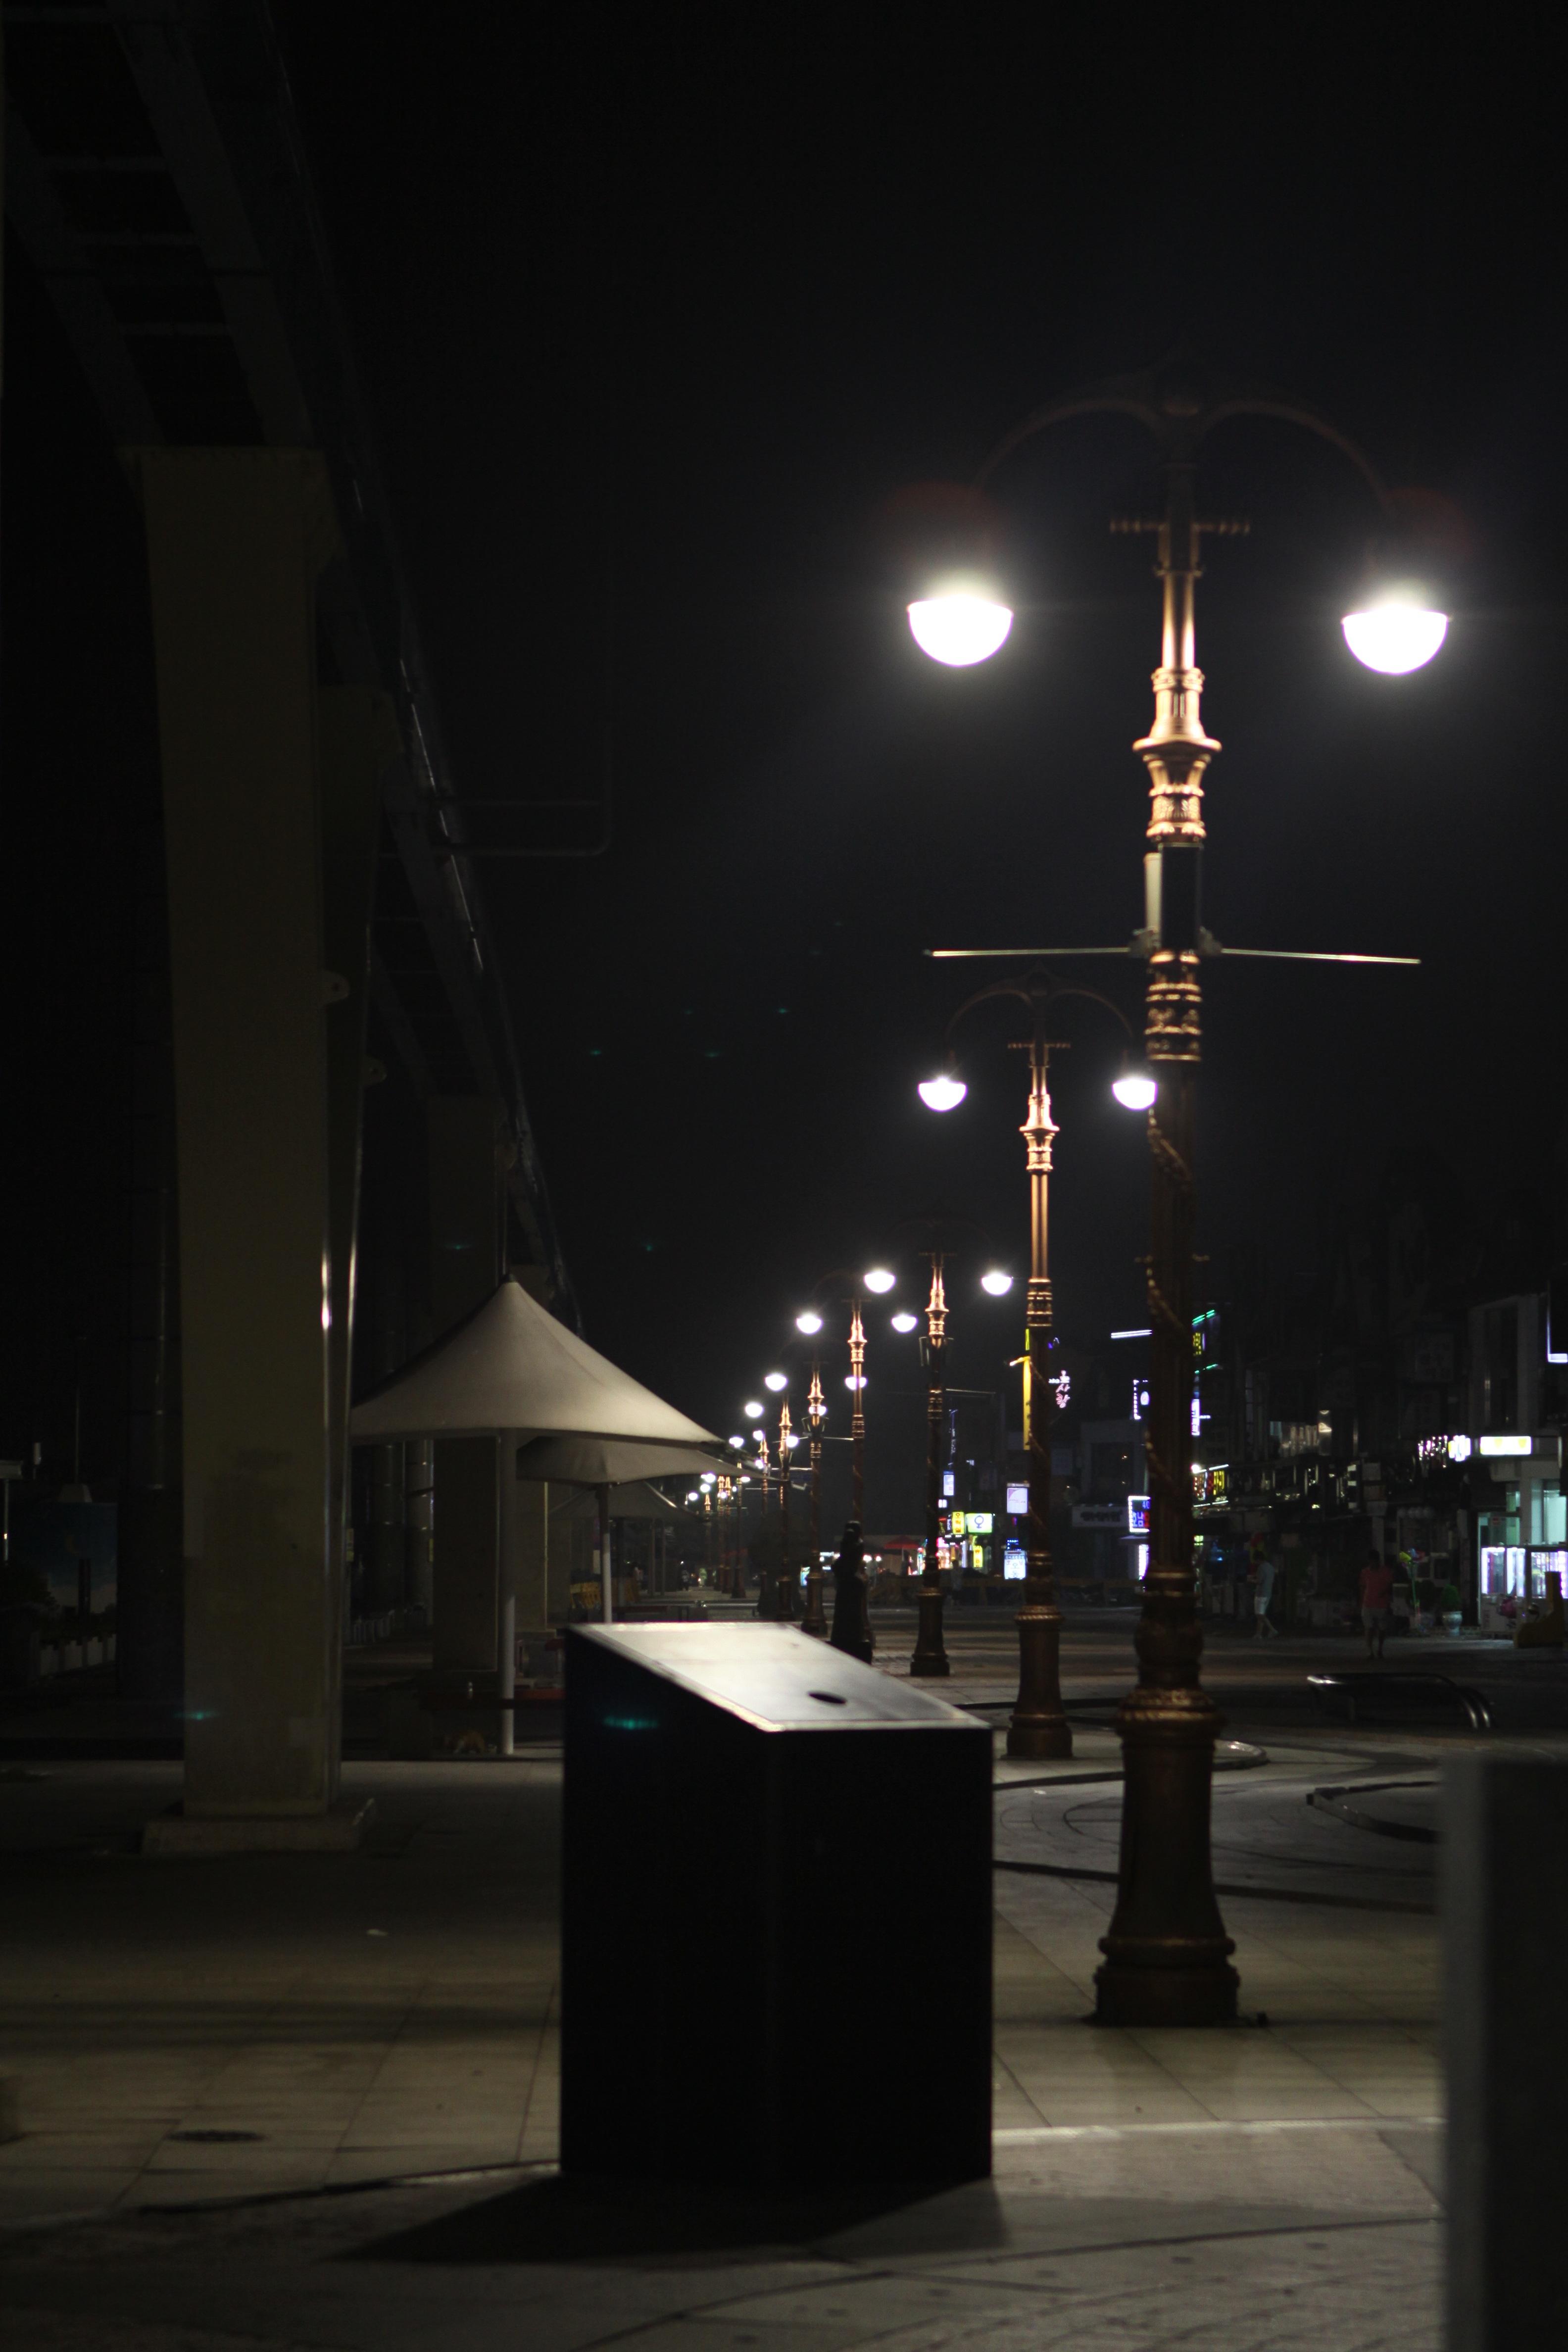 Images Gratuites Paysage Lumiere Architecture Rue Nuit